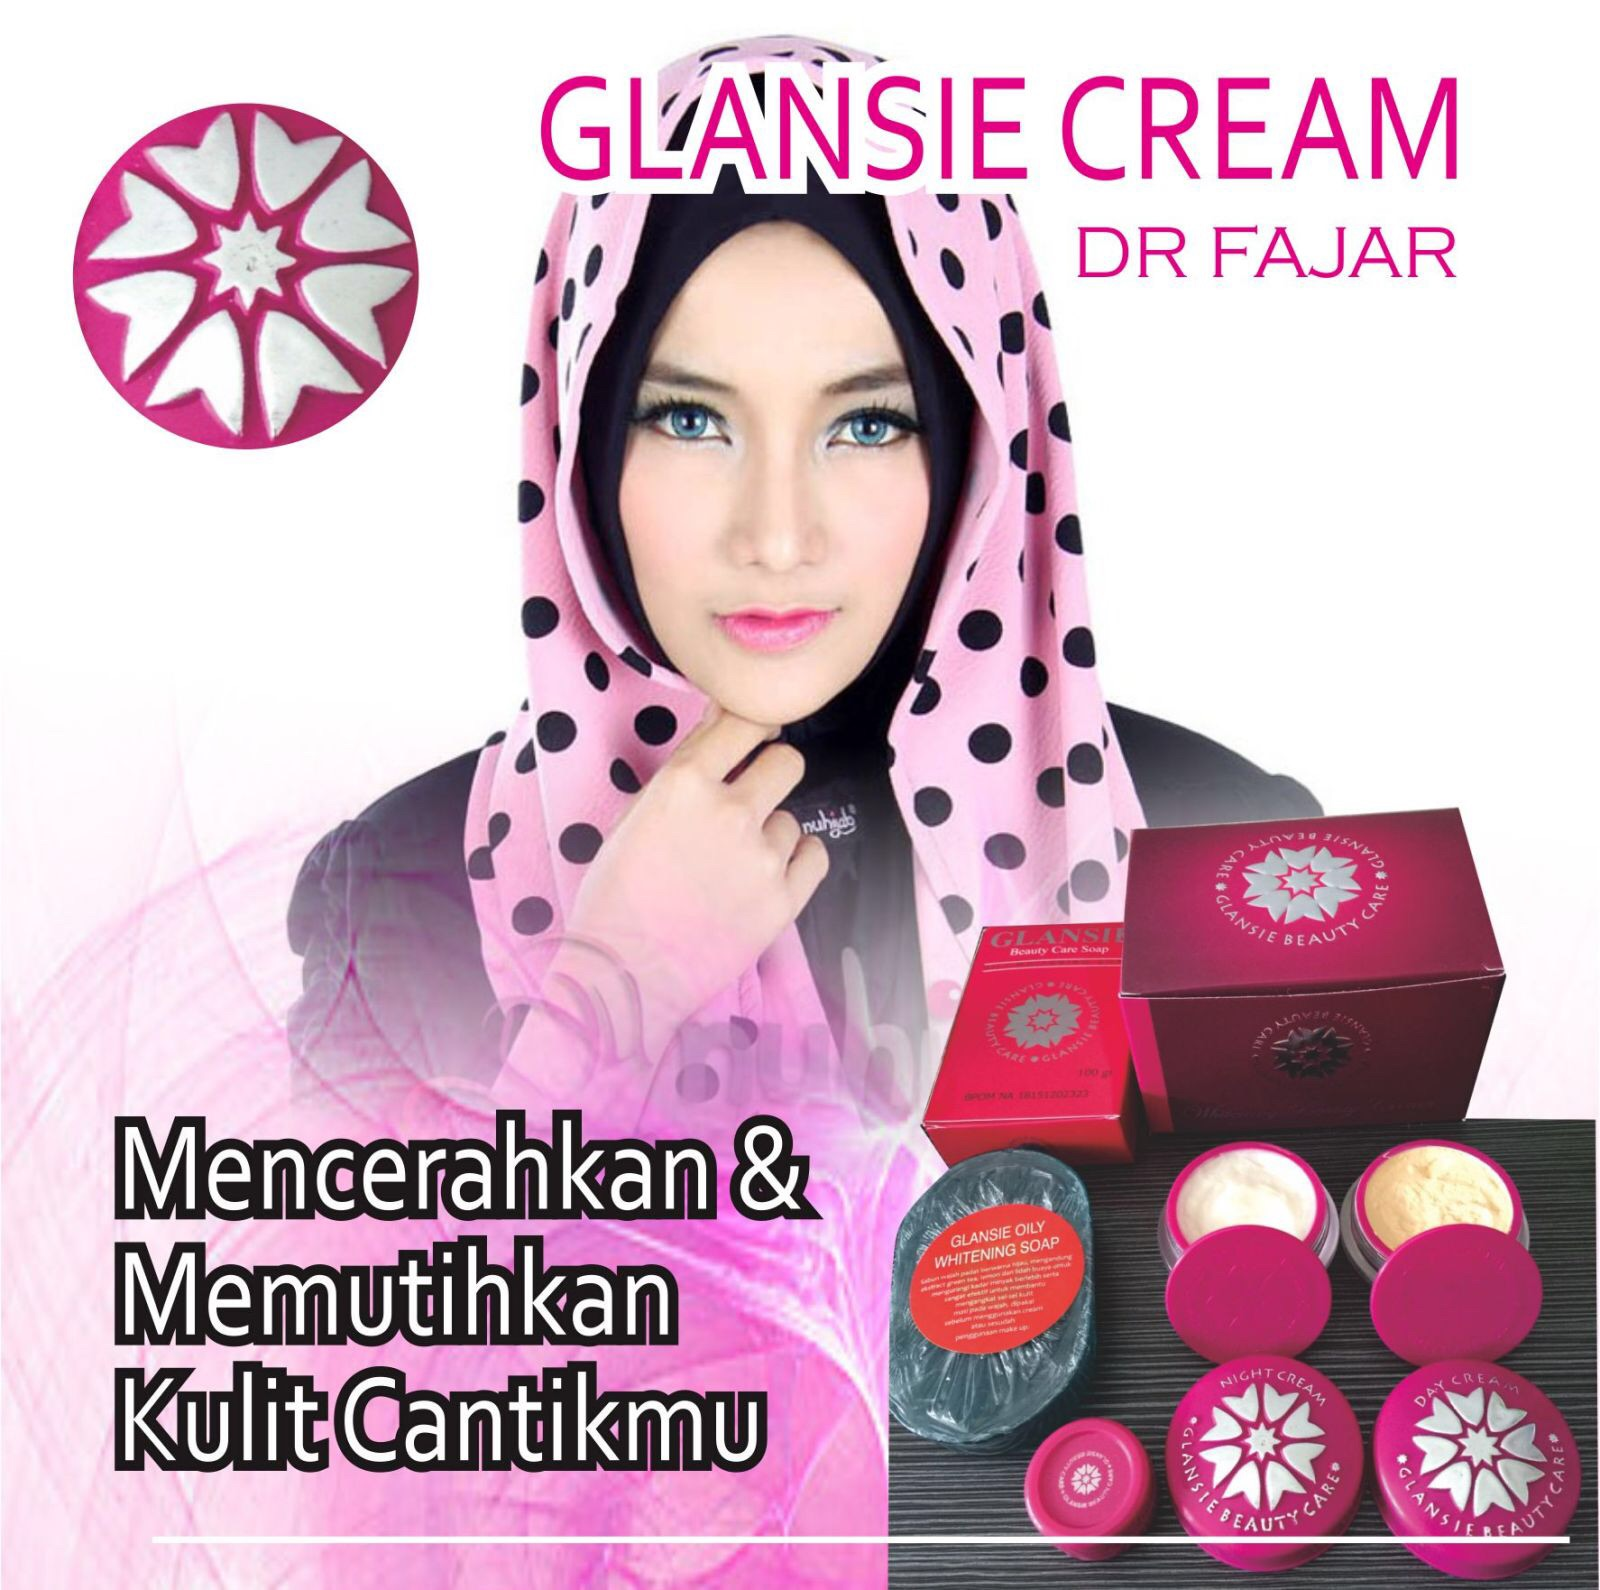 Glansie Beuty Care Whitening Beauty Cream Paket Normal Skin Daftar Skincare Sabun Batang Jual Original Rumah Spl Tokopedia